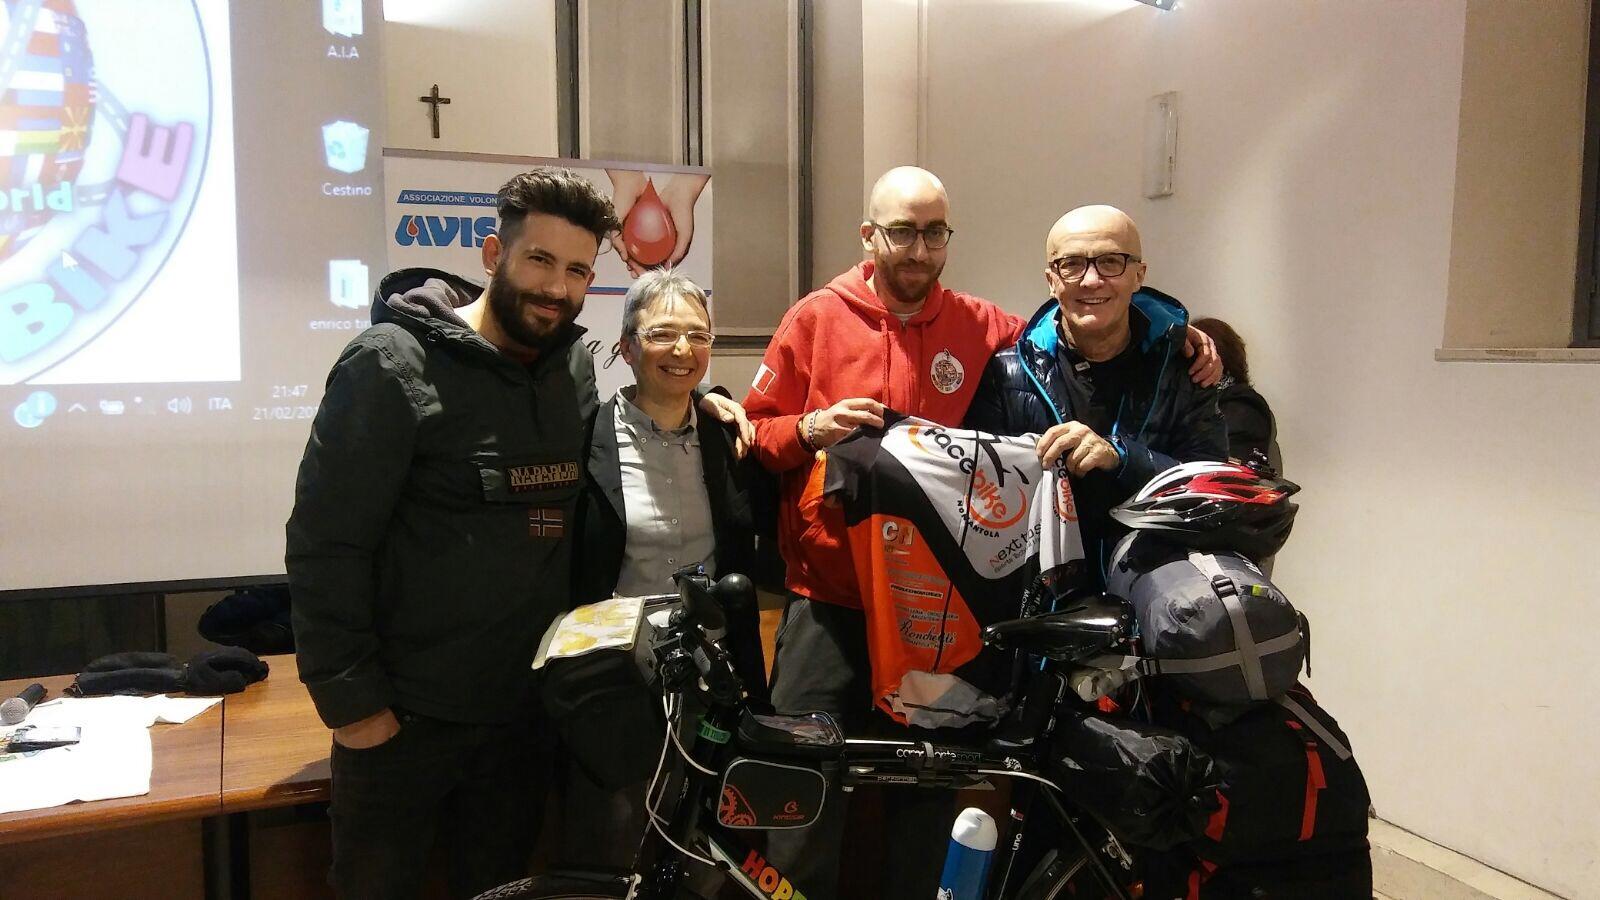 Il viaggio di Cherif in bicicletta attraverso il mondo